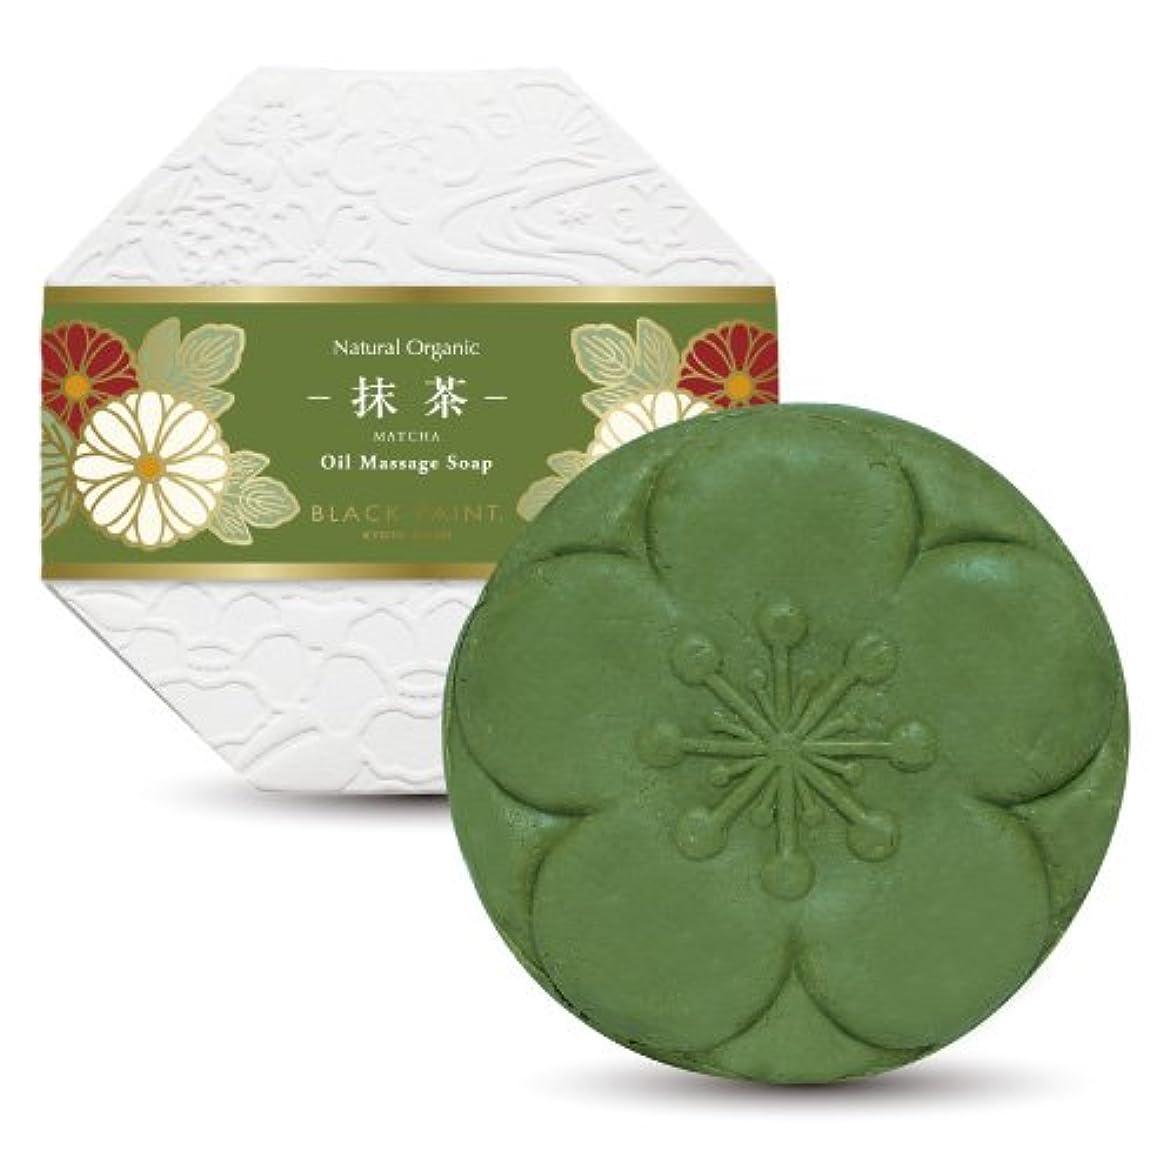 ドリンクタール試み京のお茶石鹸 抹茶 120g 塗る石鹸